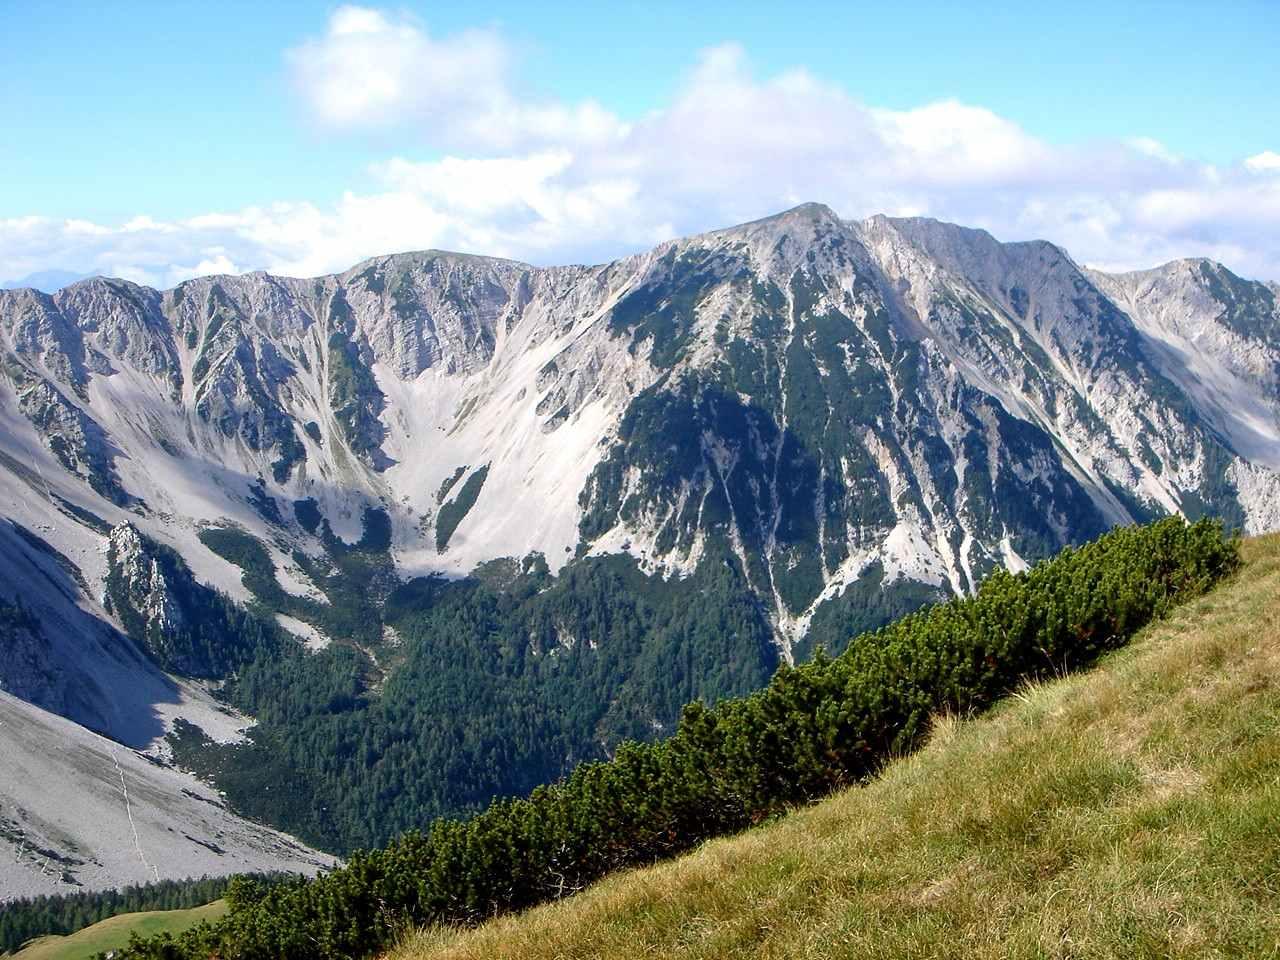 Foto: Manfred Karl / Wander Tour / Über die Klagenfurter Hütte auf den Geißberg / Weinasch / 20.06.2007 18:09:33